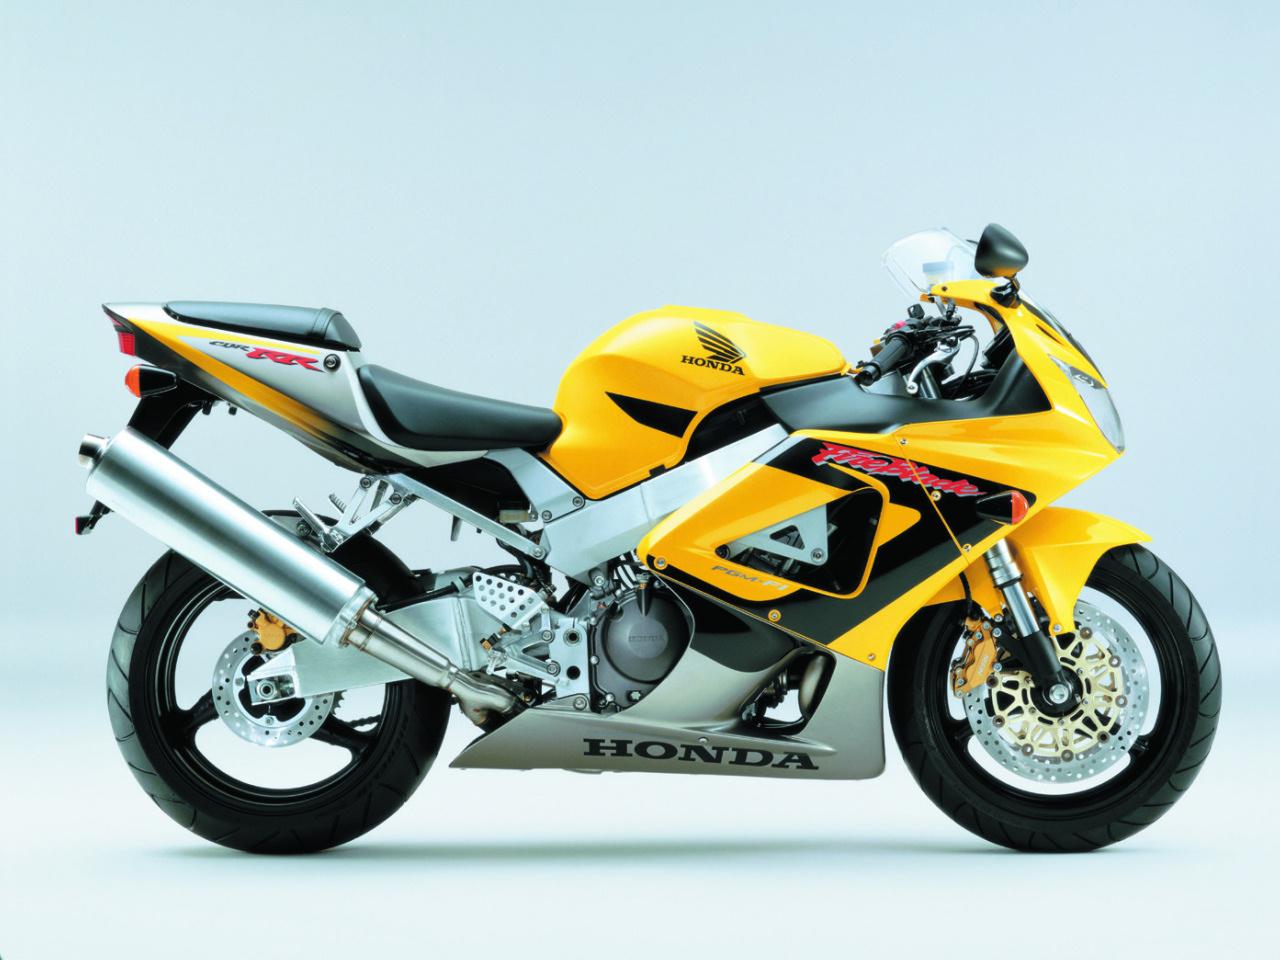 ... Specs Honda... 2000 Cbr 929 Specs